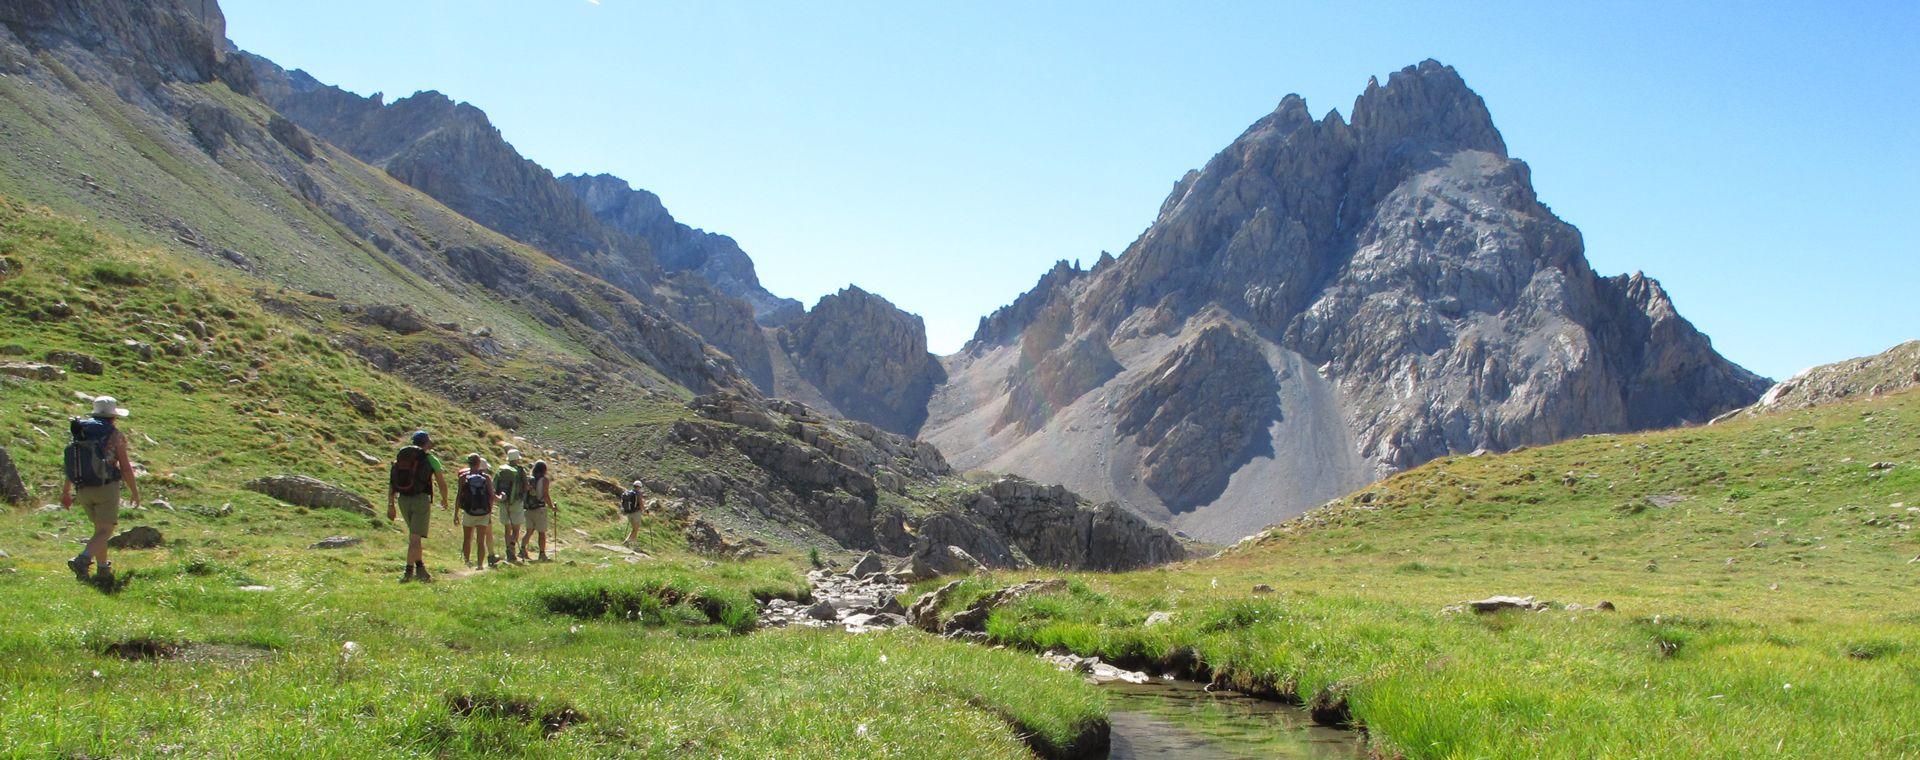 Image La Grande Traversée des Alpes, de Briançon à Menton